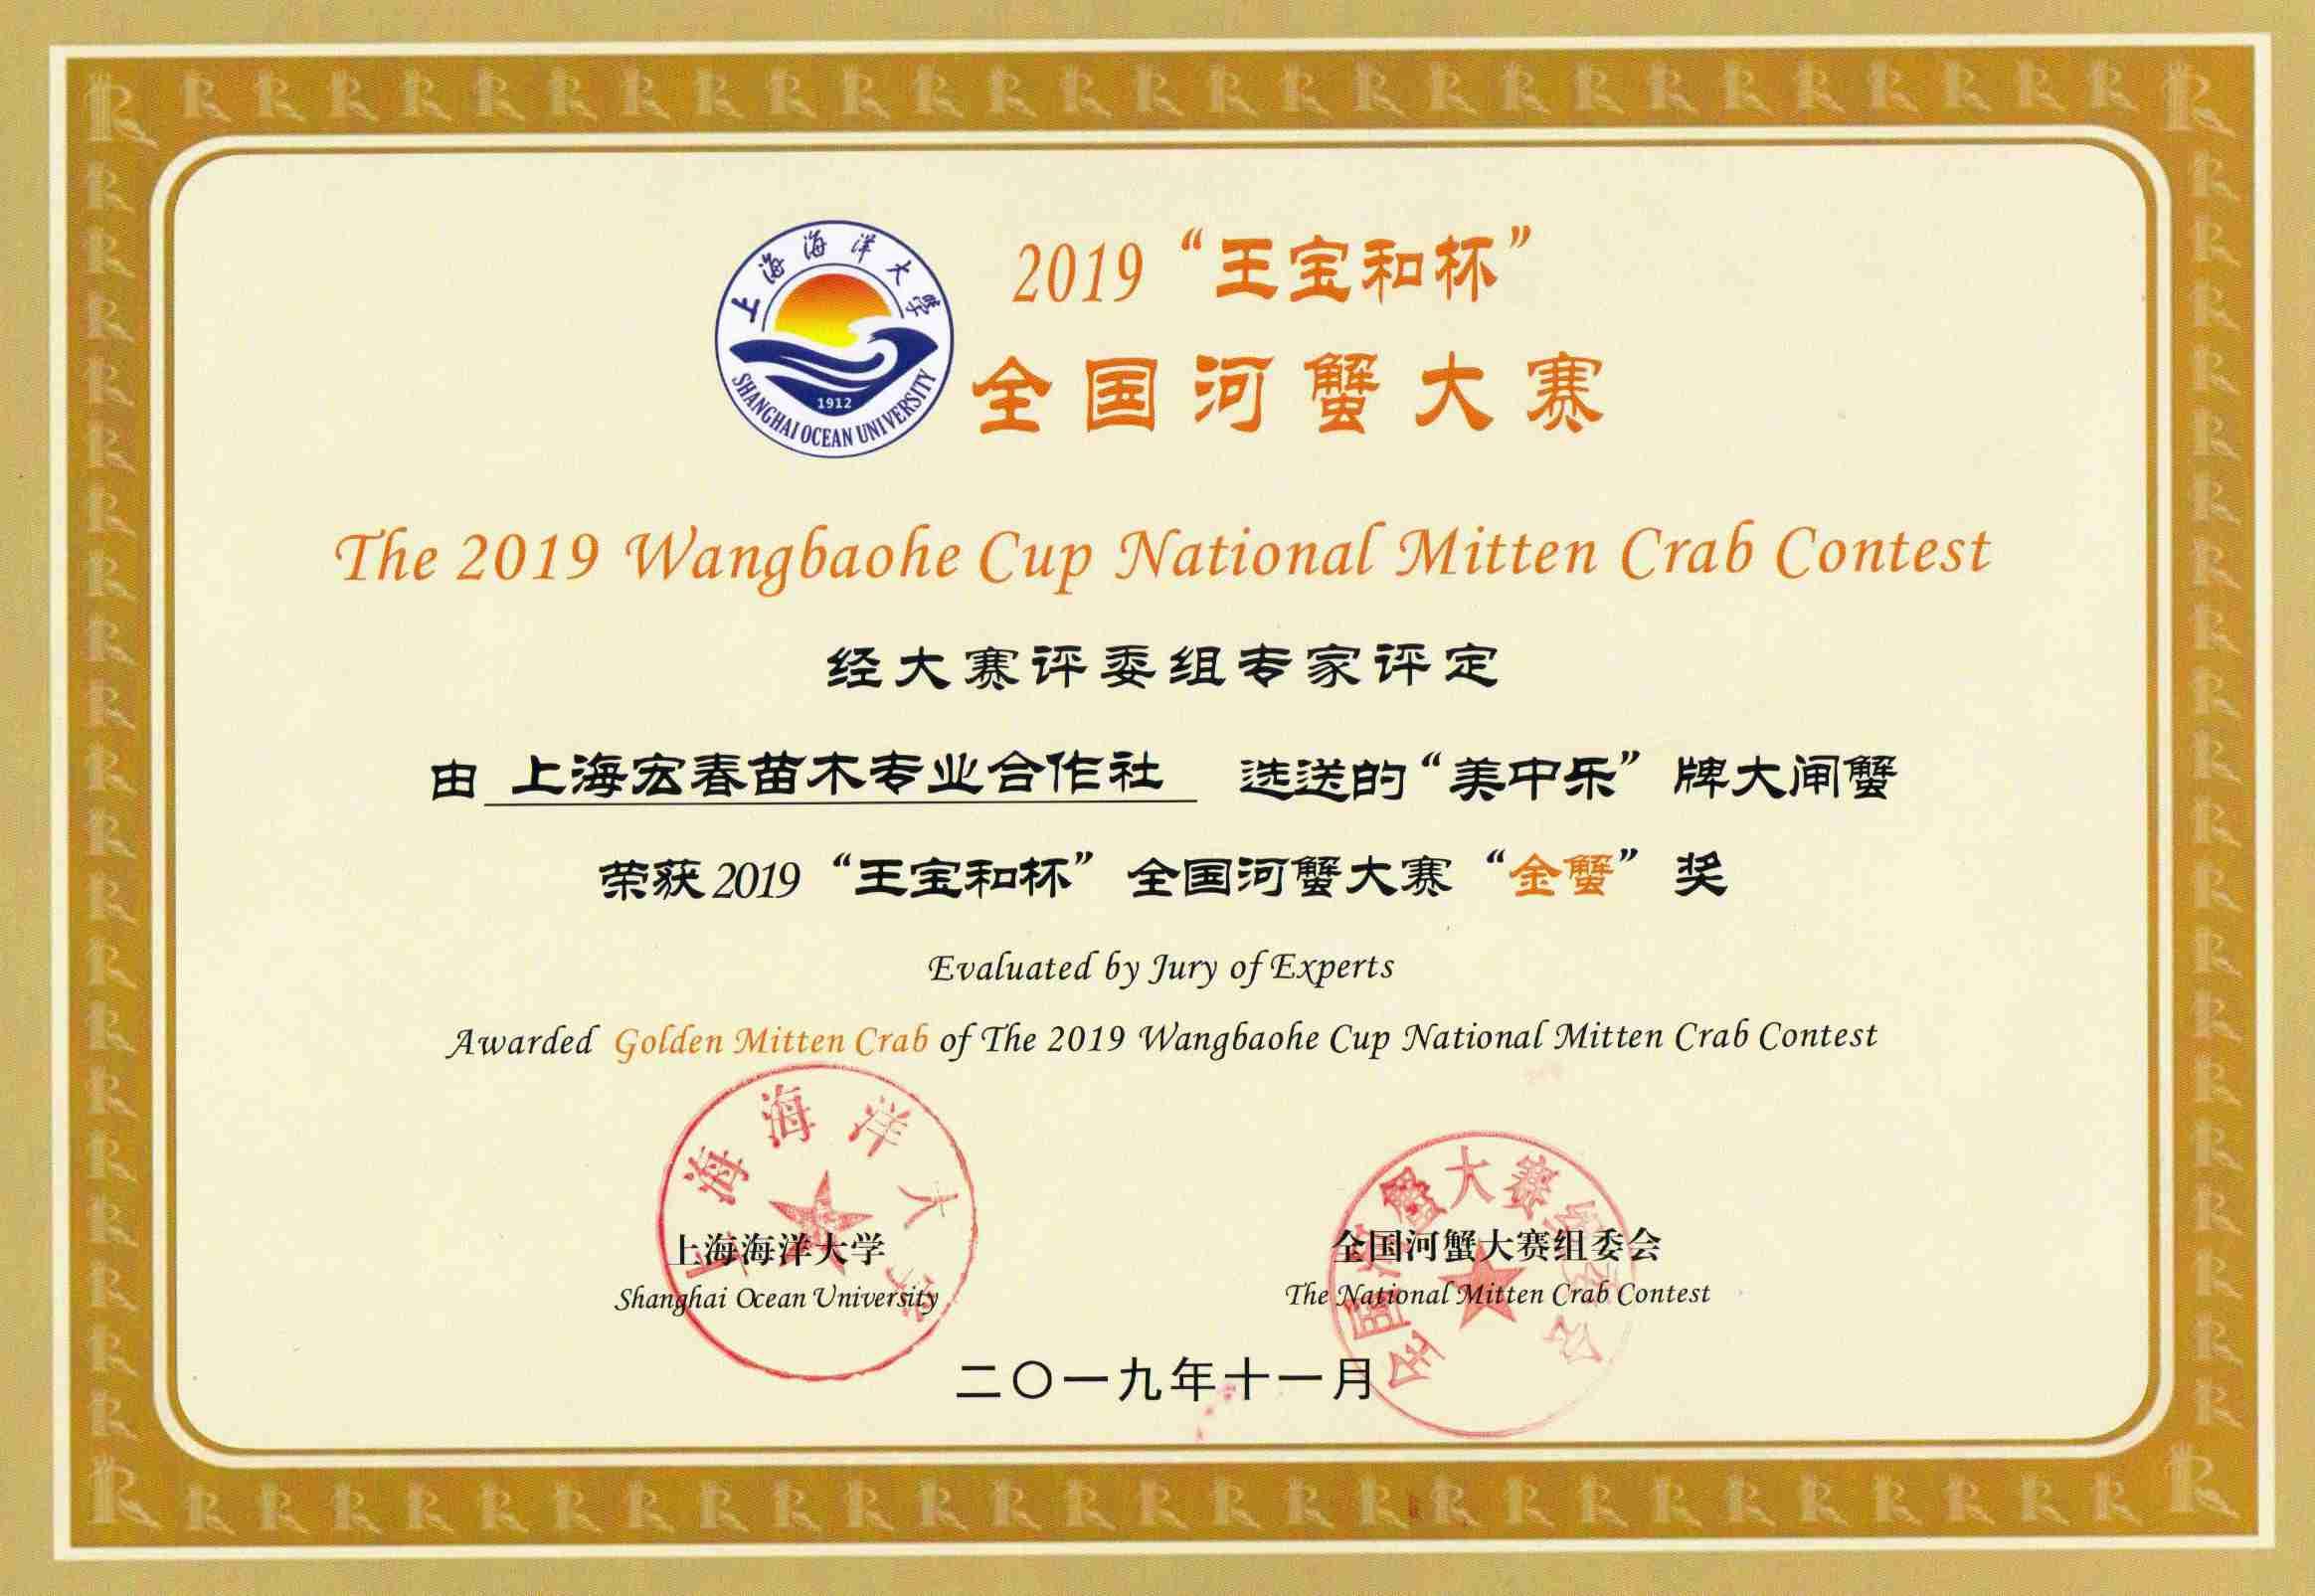 上海宏春苗木荣获2019金蟹奖